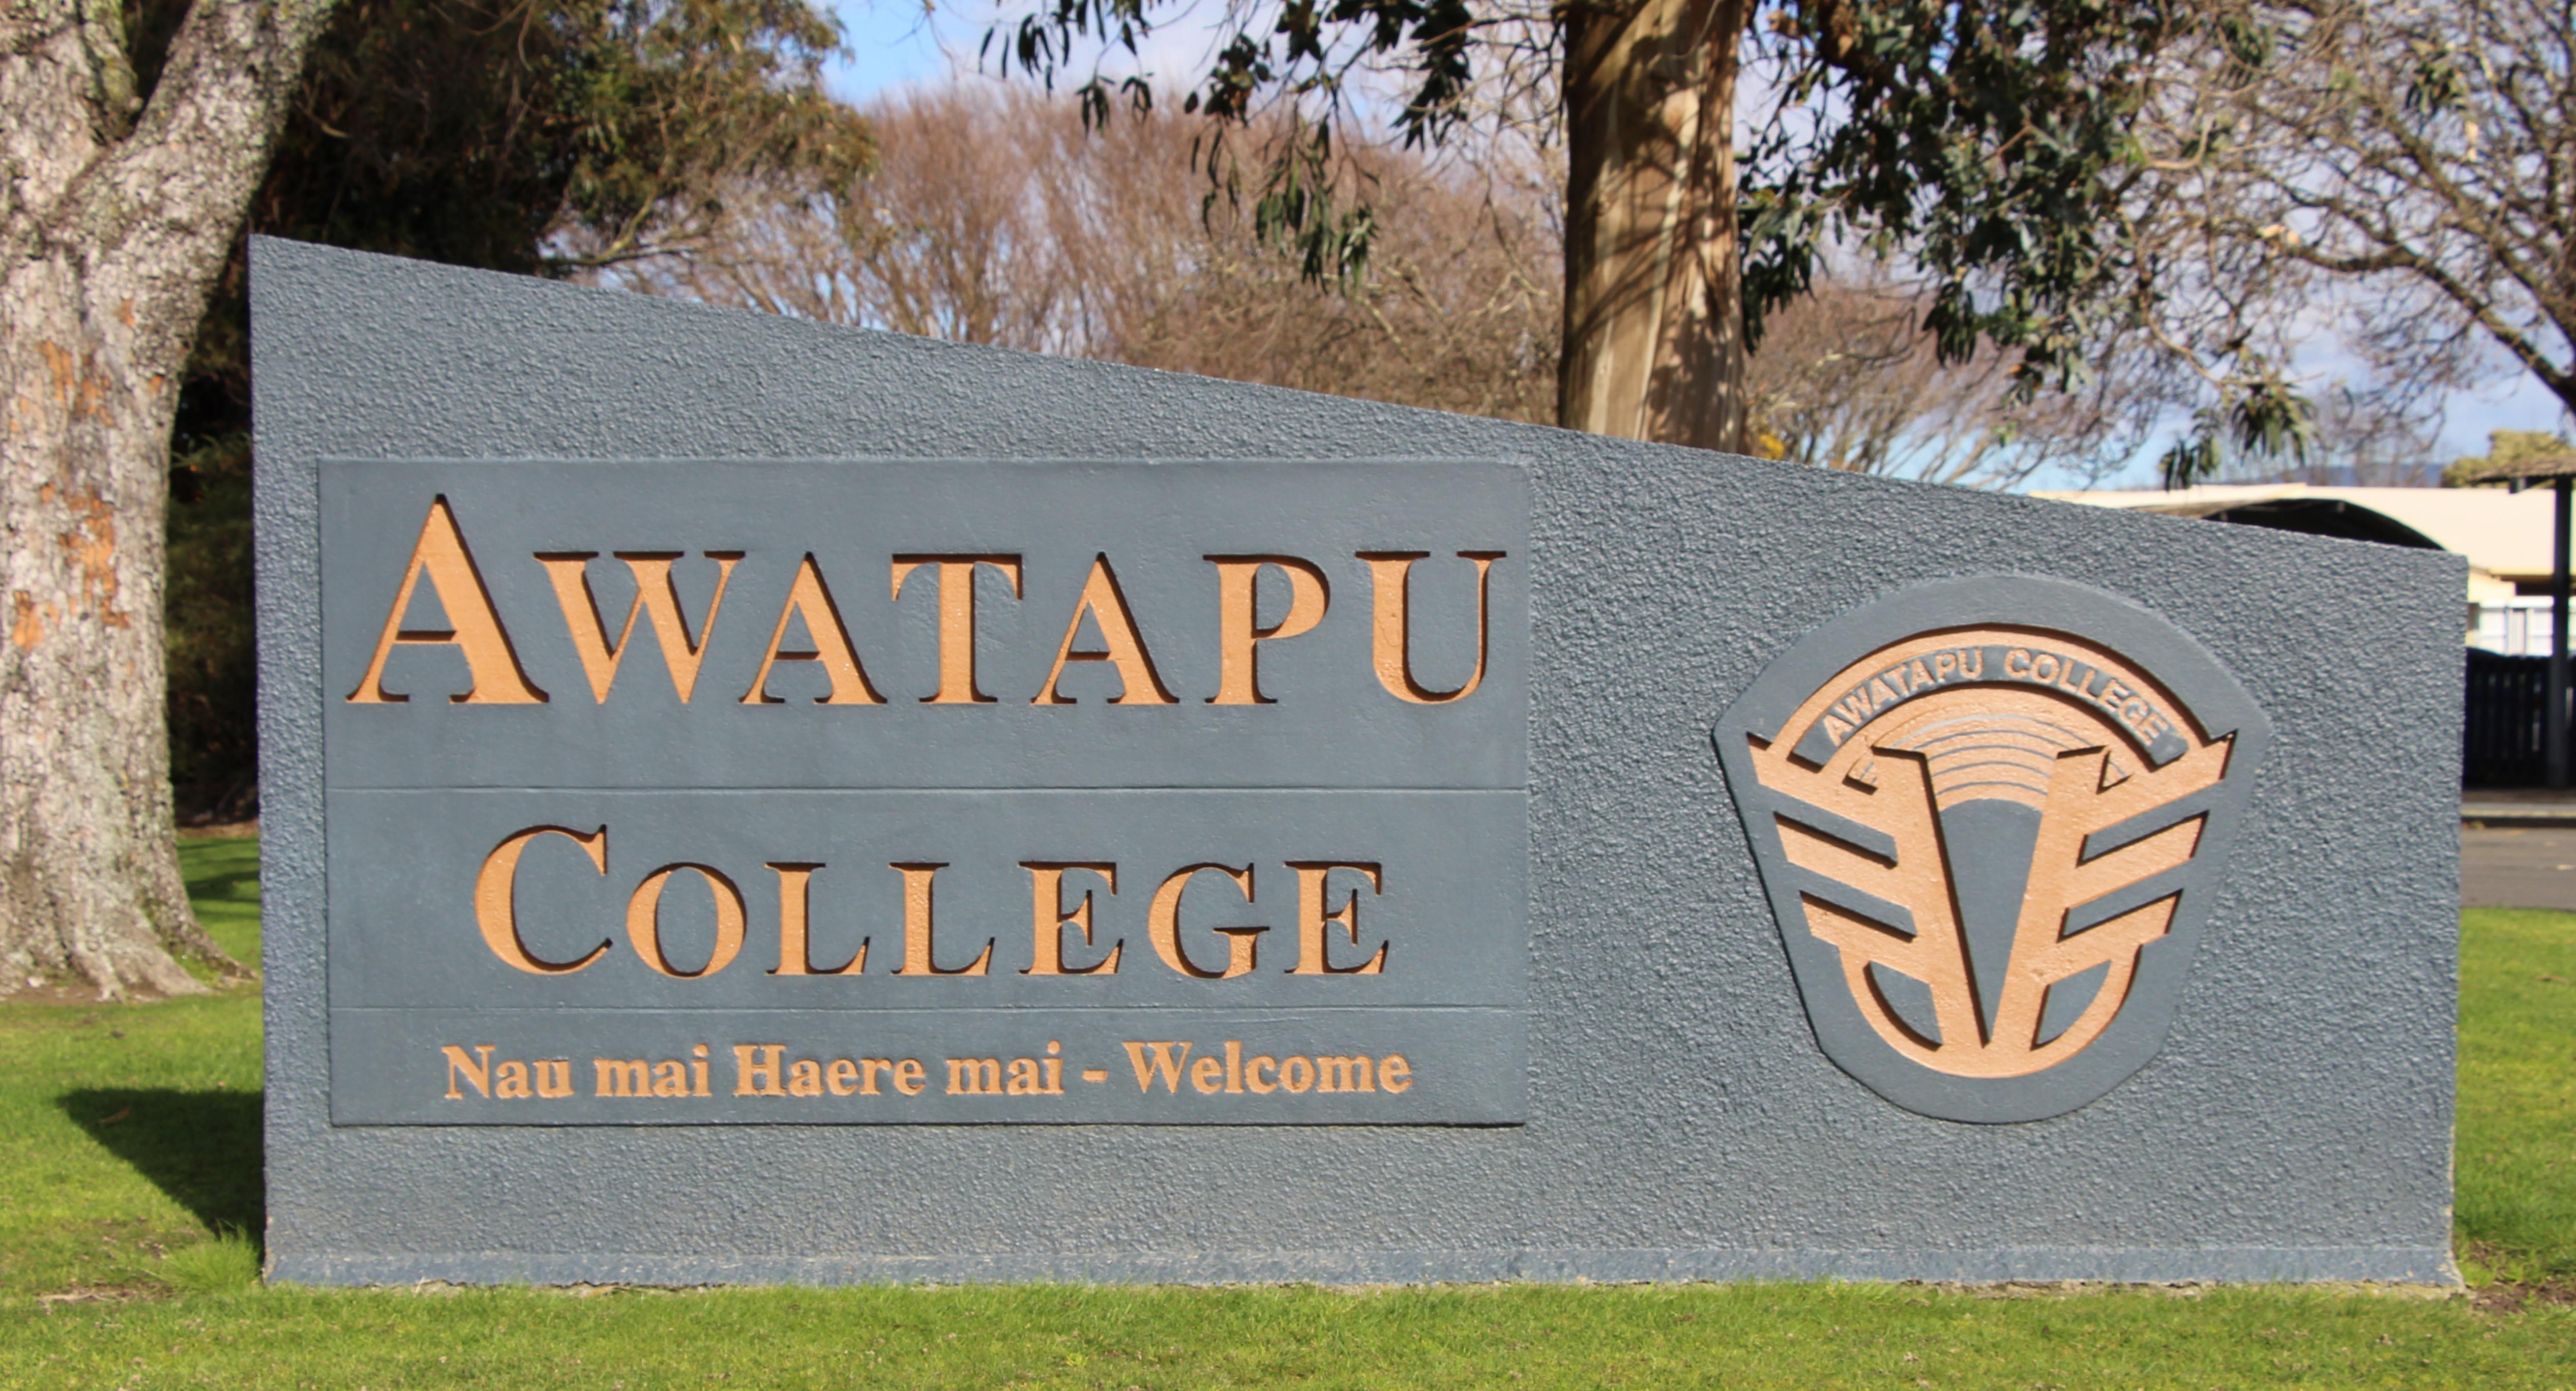 Kết quả hình ảnh cho Awatapu College